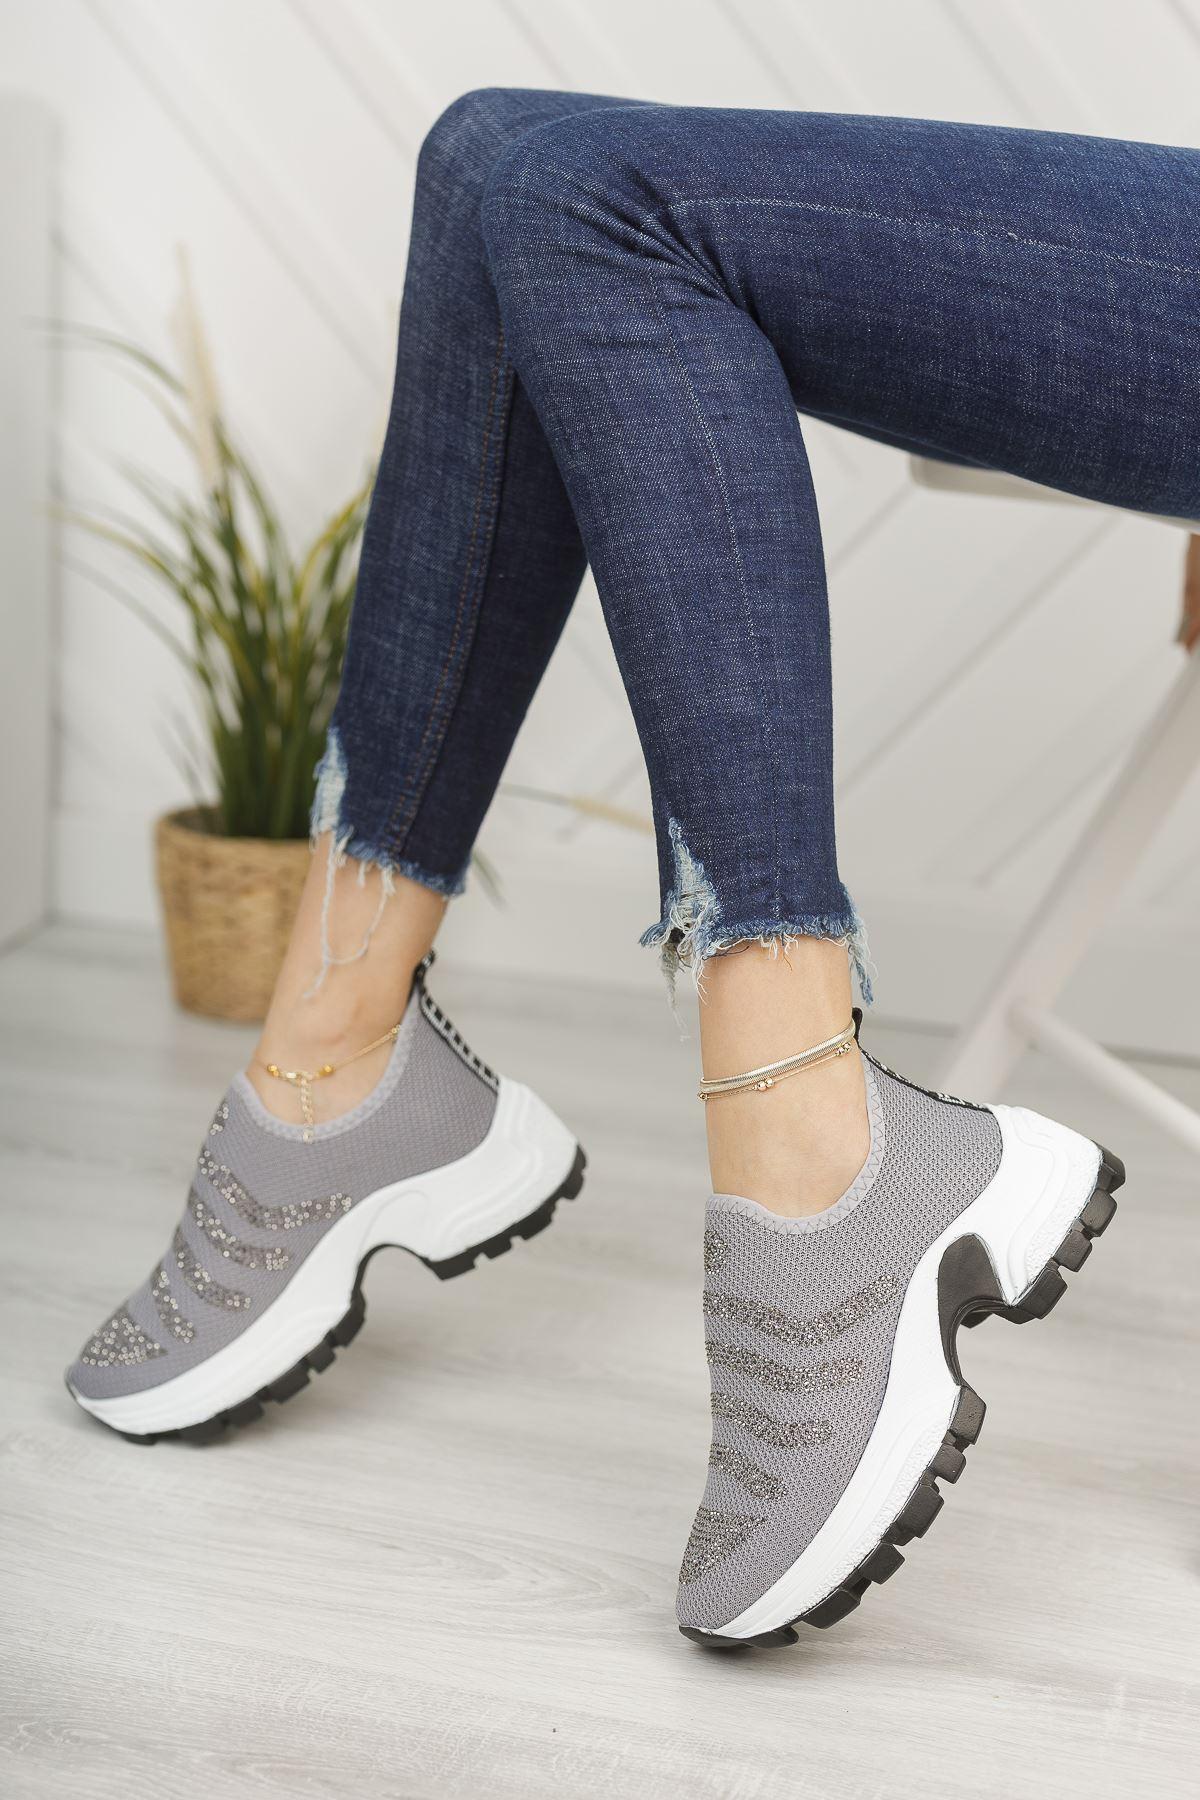 Gri Taşlı Bağcıksız Kalın Taban Spor Ayakkabı